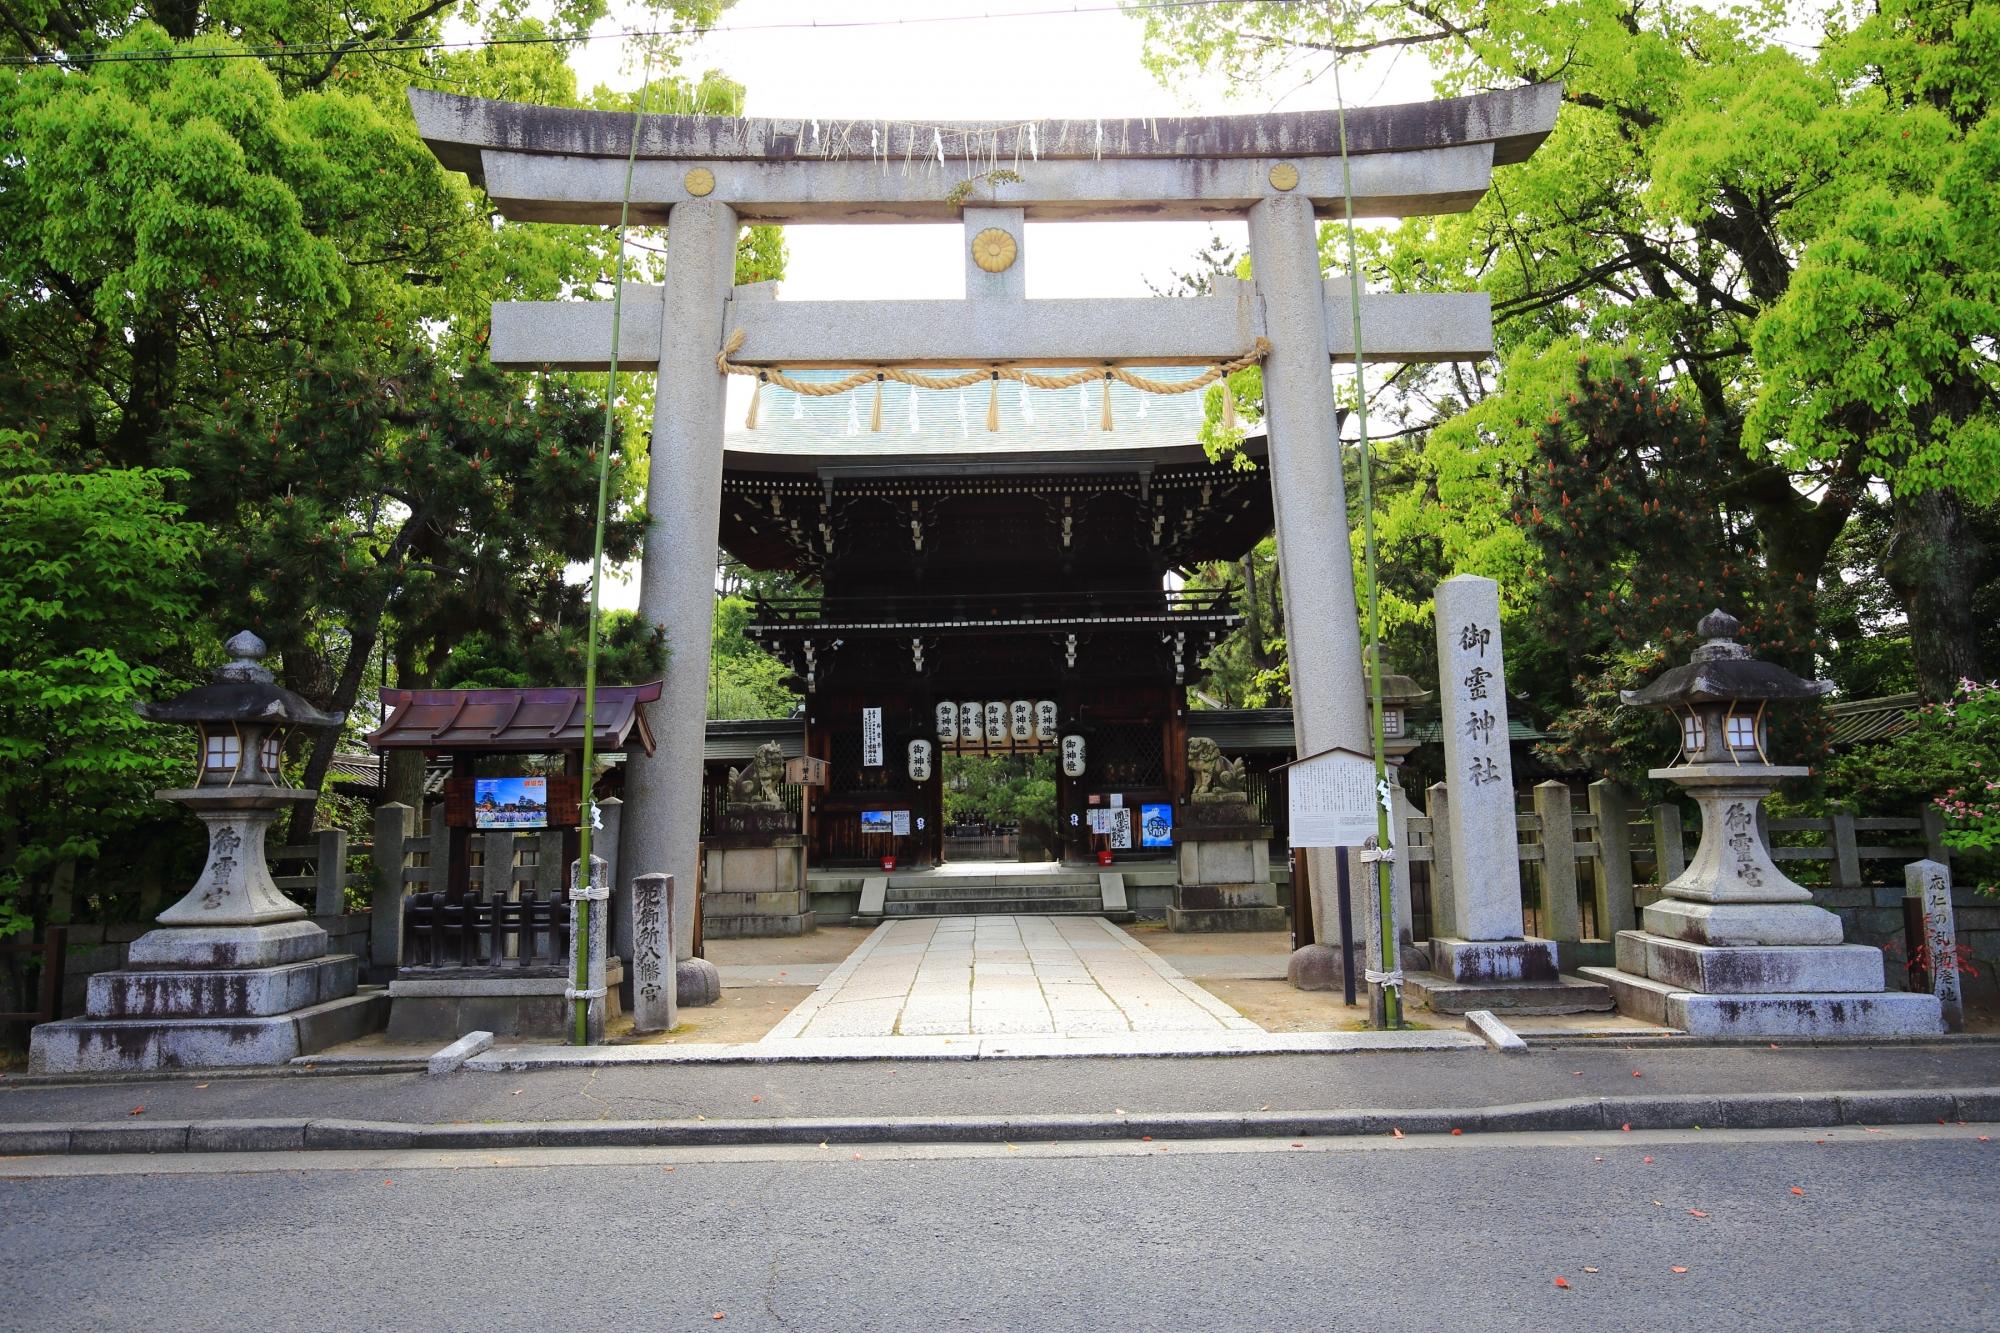 深い緑につつまれる上御霊神社の鳥居と西門